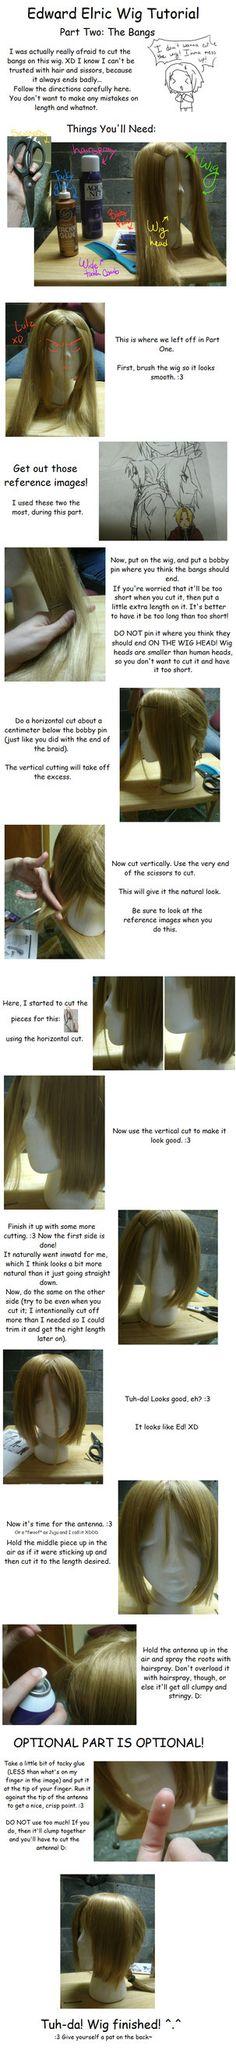 edward elric wig tutorial